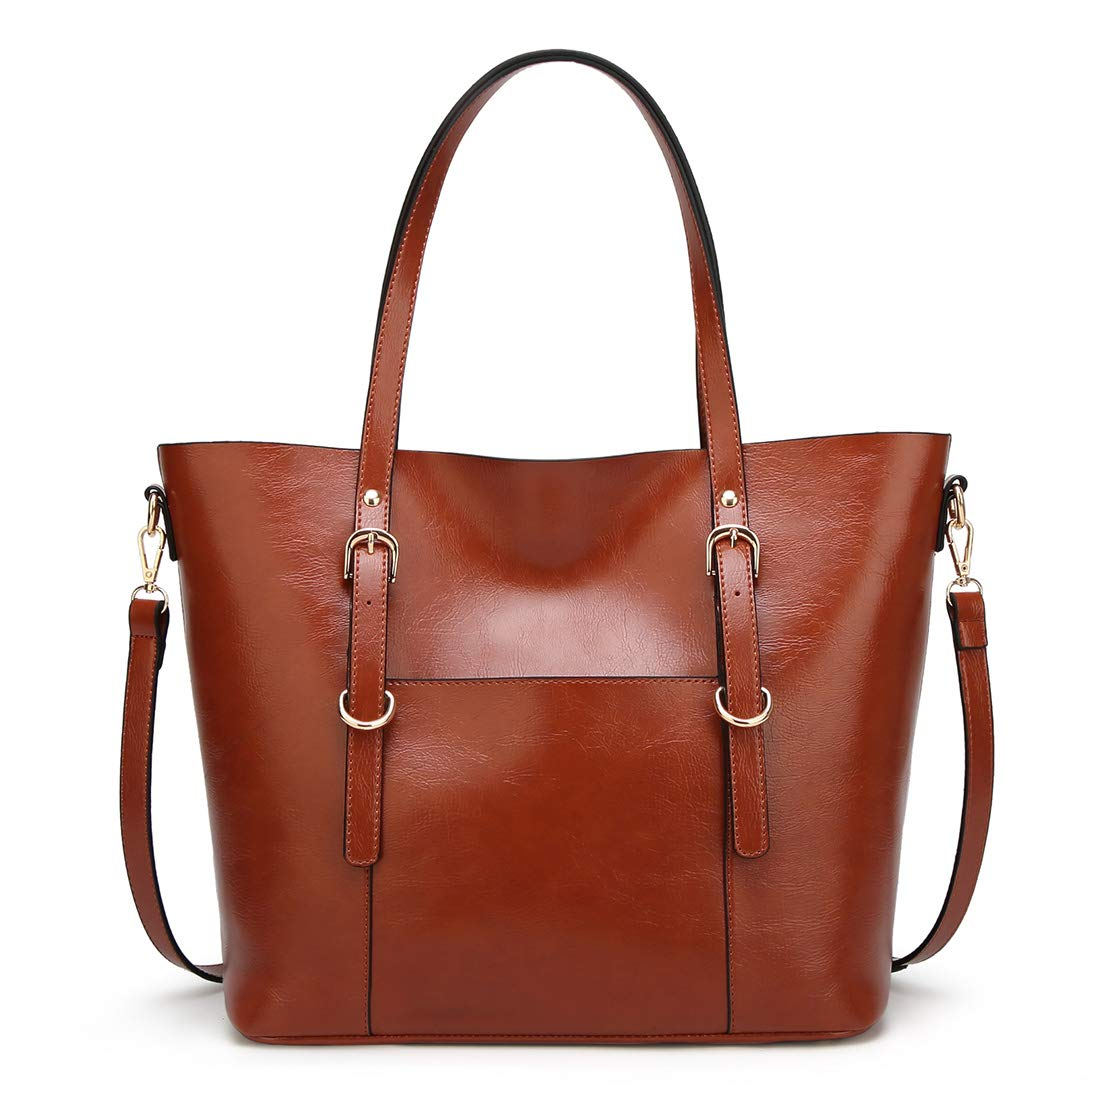 Hungrybubble Frauen Top Griff Satchel Geldbörse Und Handtaschen Tasche Tägliche Arbeit Schulter Tote Bag (Farbe   Wine rot) B07MCGW4W1 Geldbrsen